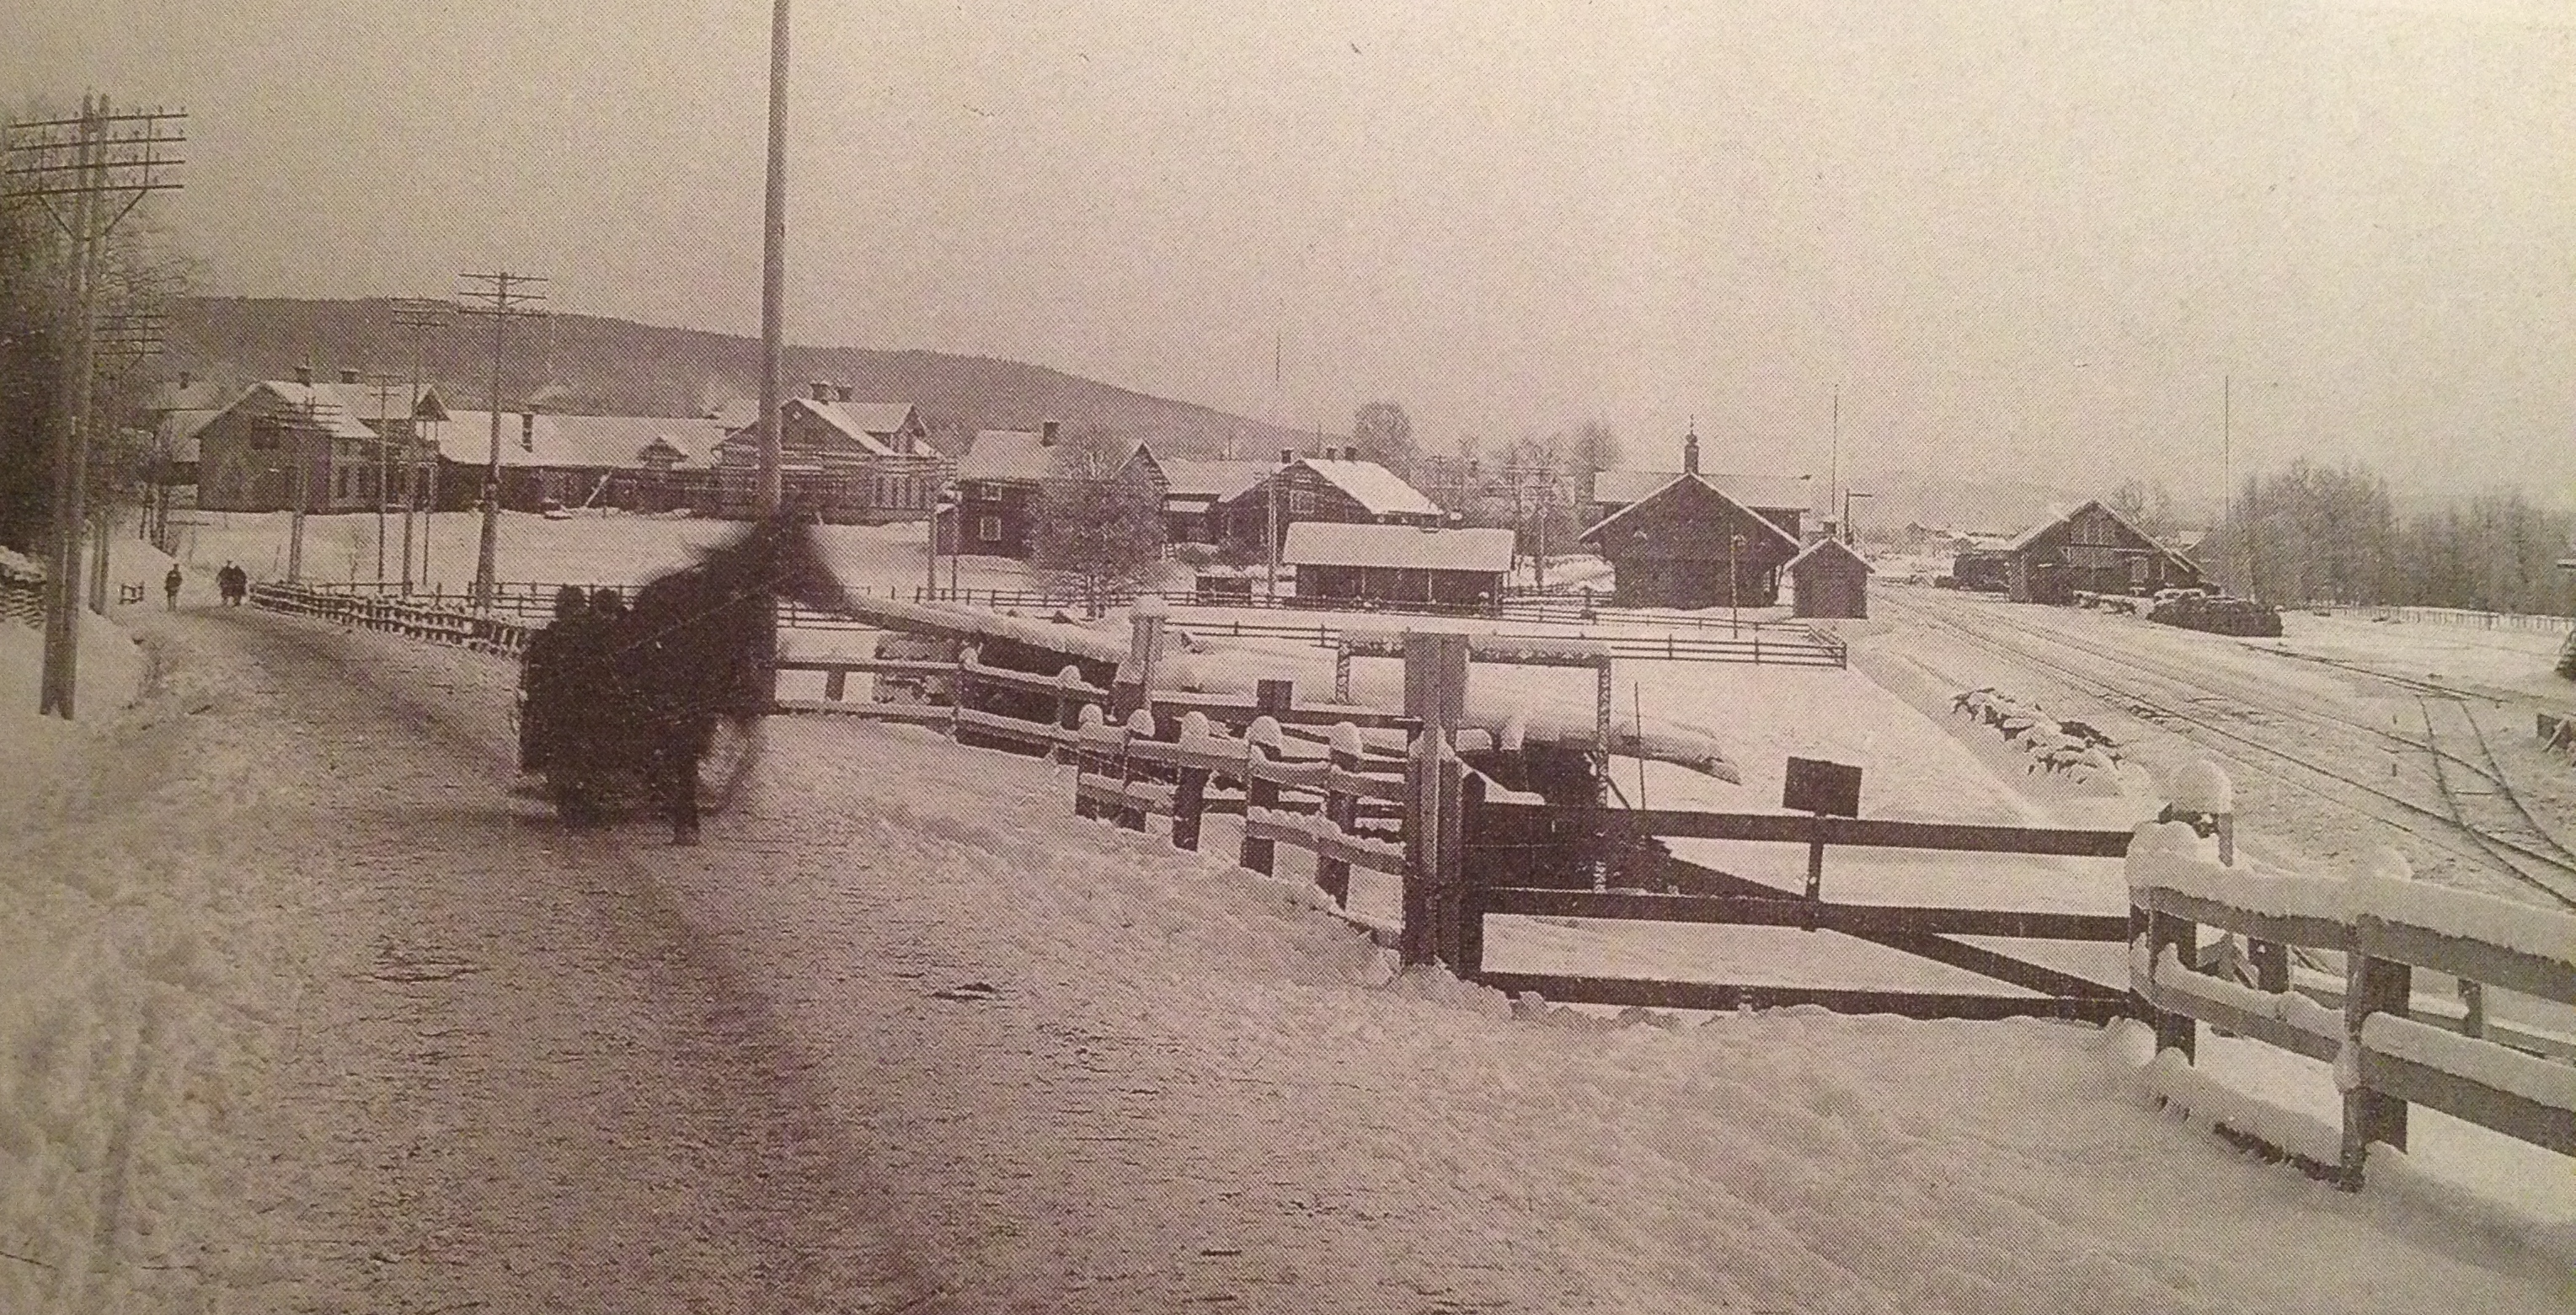 """""""Vy söderut mot Lassisgården och järnvägsstationen; t.h. kolbryggan (bortom lokstallet) där kolkörarna tömde sina kolryssar för vidare befordran. Foto C. Ehrner omkr. 1905."""" Bilden hämtad ur """"Älvdalens kyrkby när seklet var ungt"""" av Helge Lindberg"""